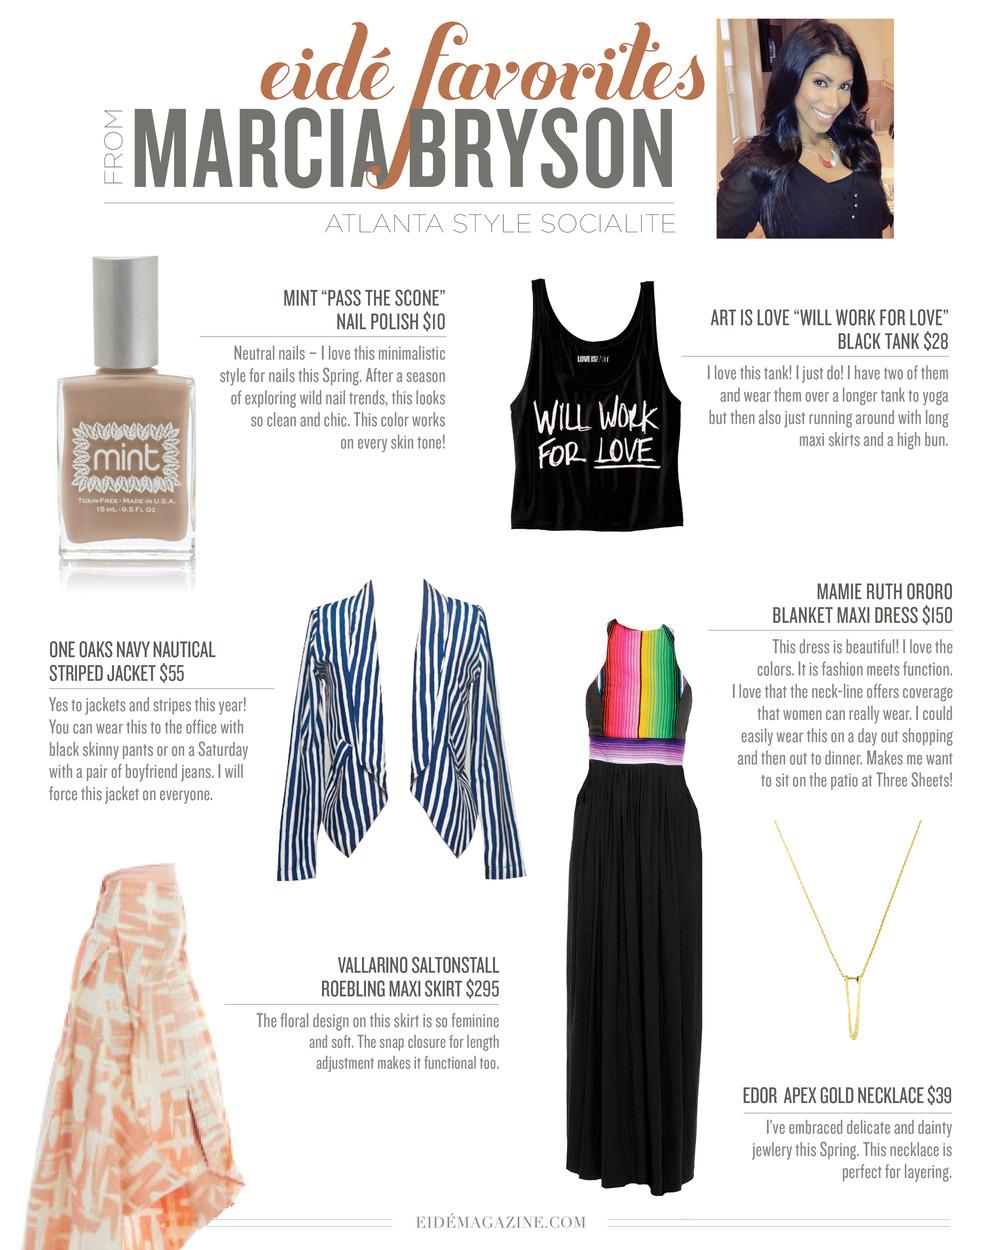 Marcia-Bryson_Guest-Editor_01